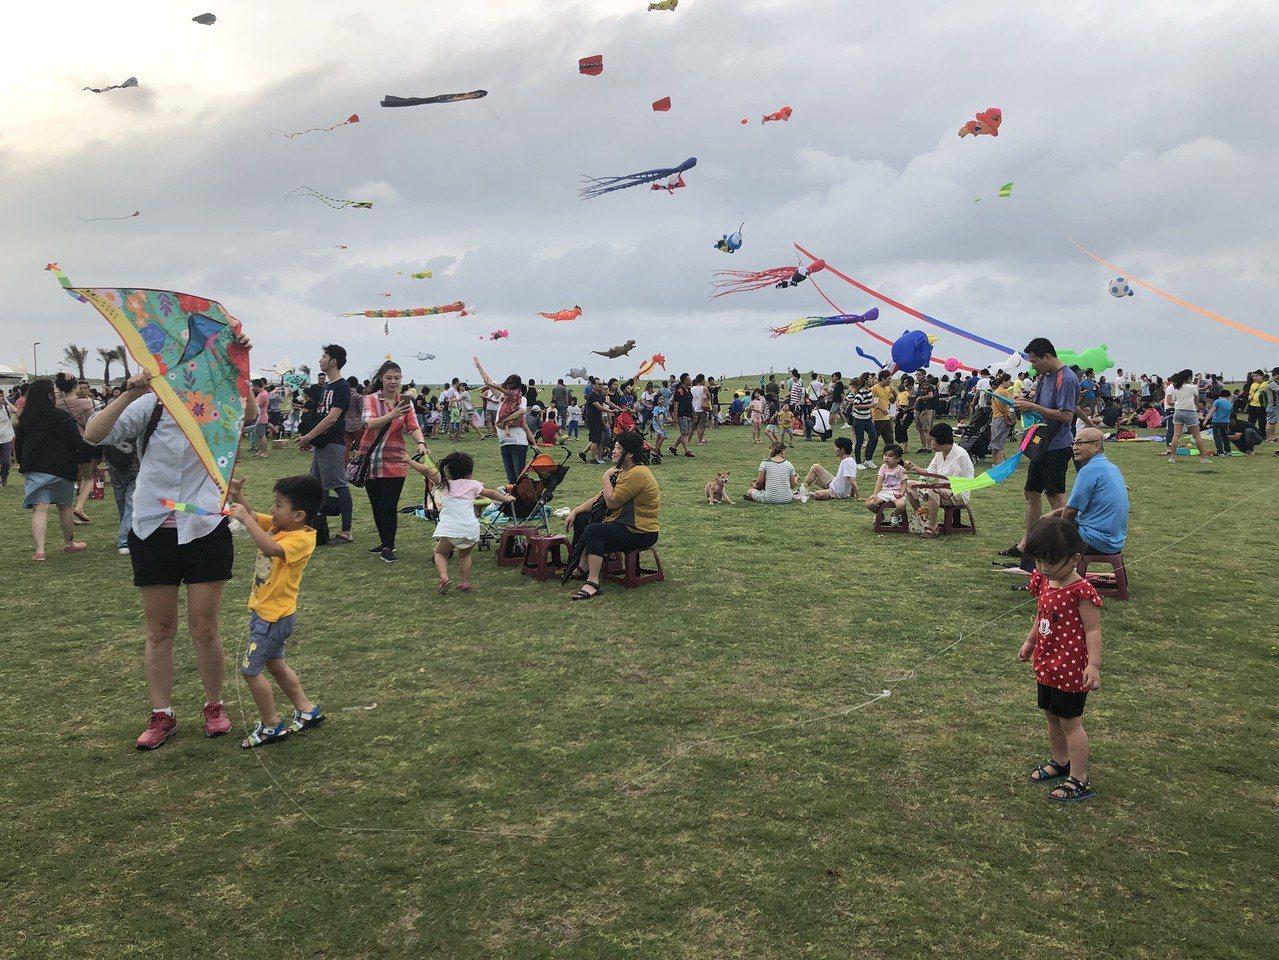 風箏升空飛翔,超壯觀。記者郭宣彣/攝影